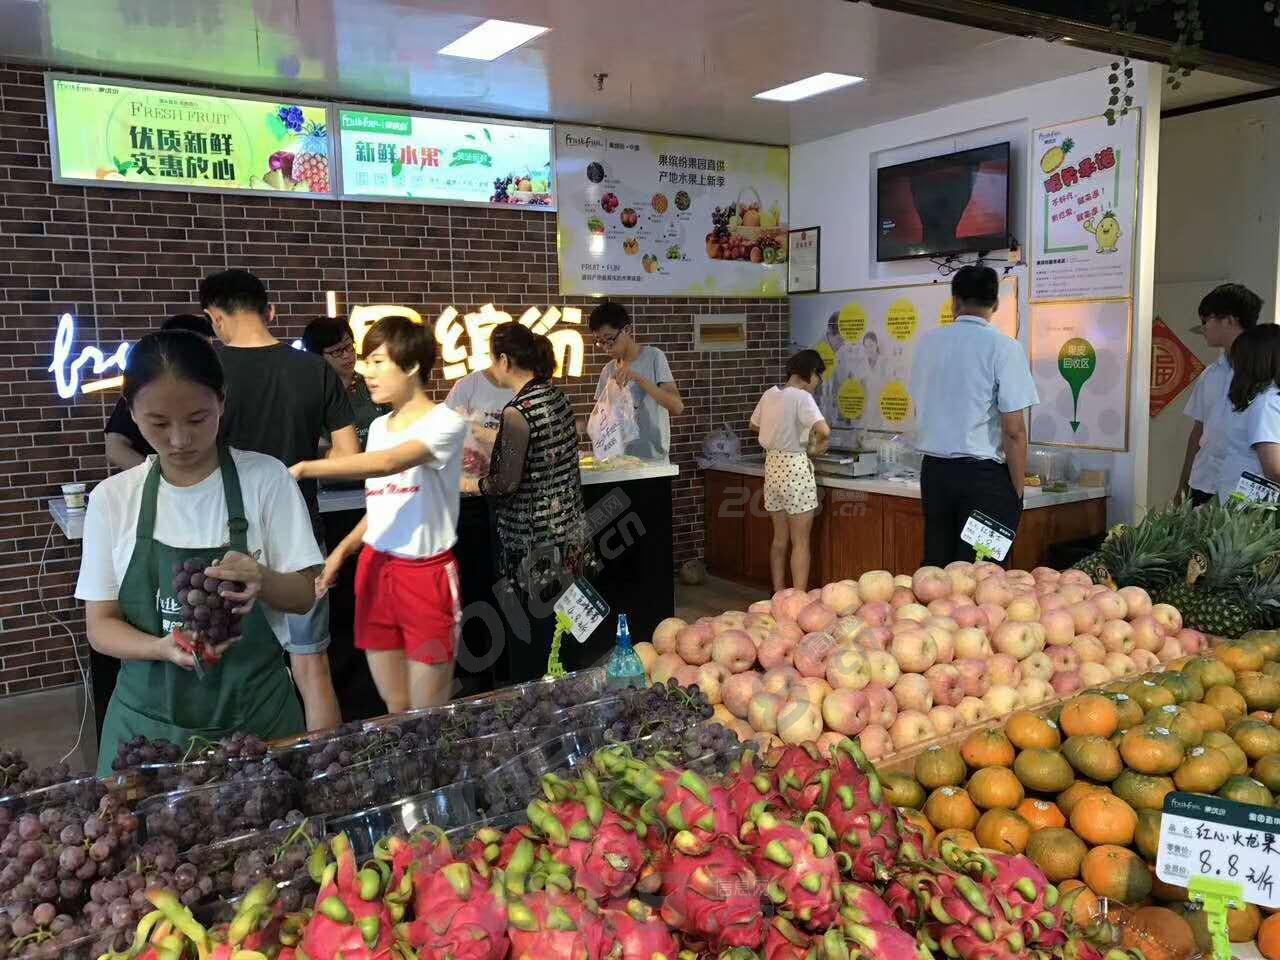 果缤纷水果店加盟全球最先进水果保鲜技术